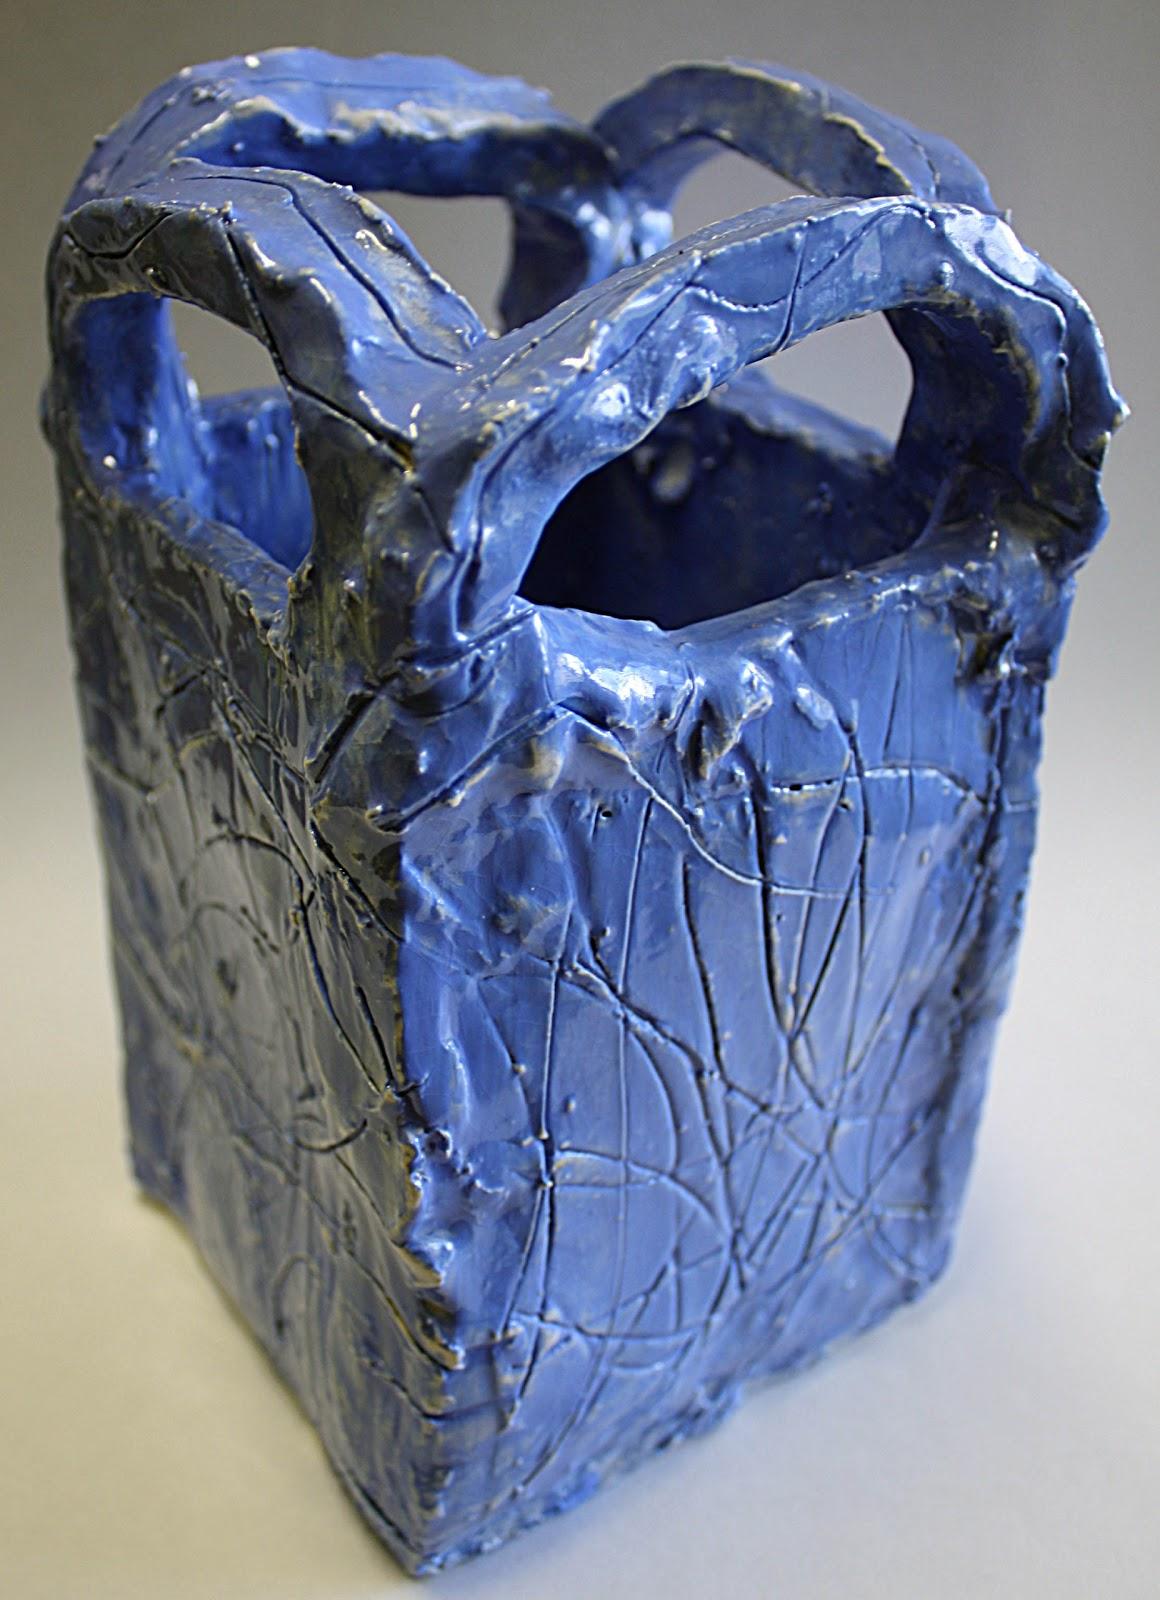 Art Scher Ceramic Slab Sculptures With Texture